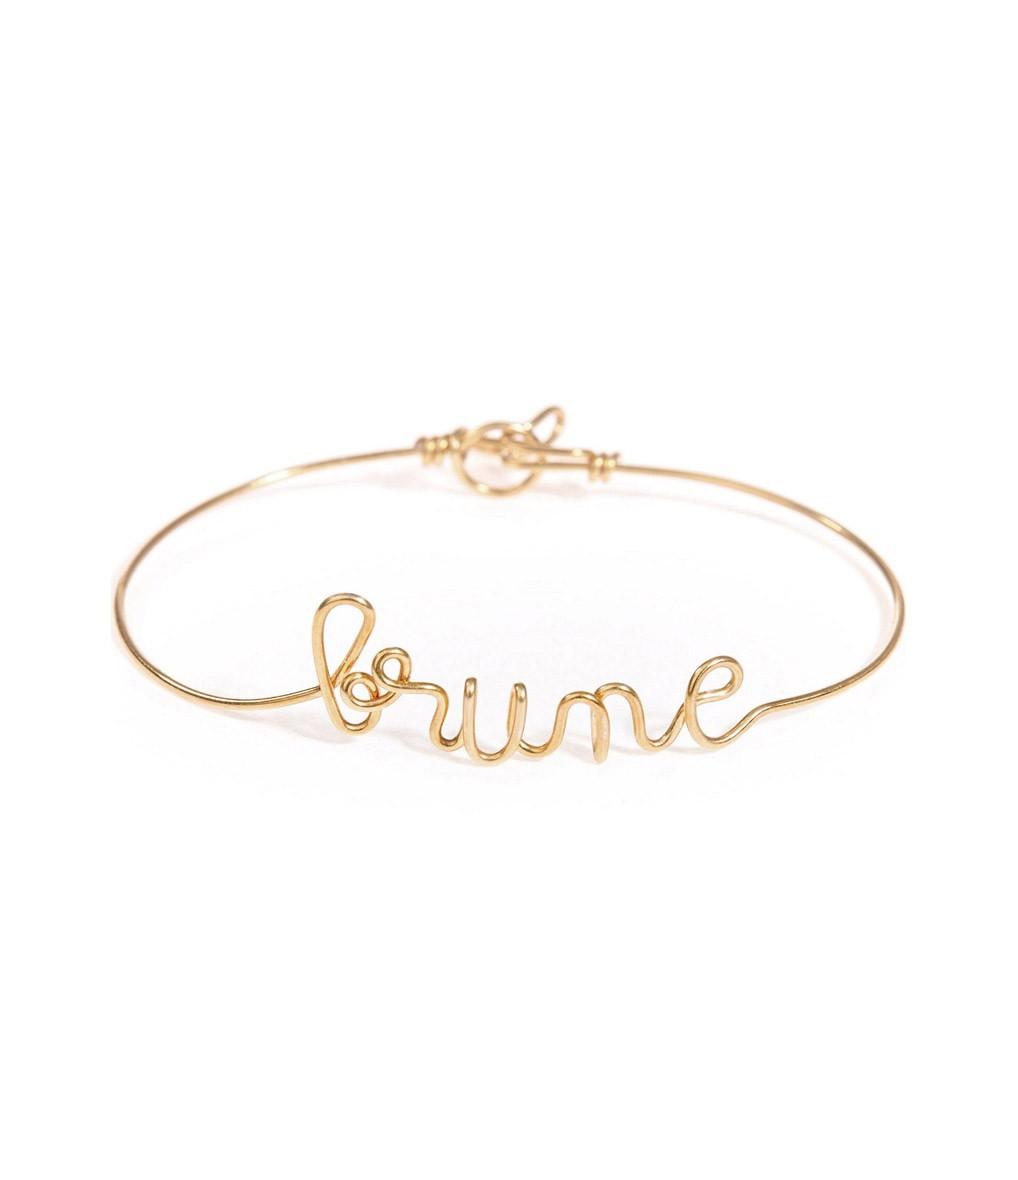 Jonc Fil Brune Gold Filled - ATELIER PAULIN